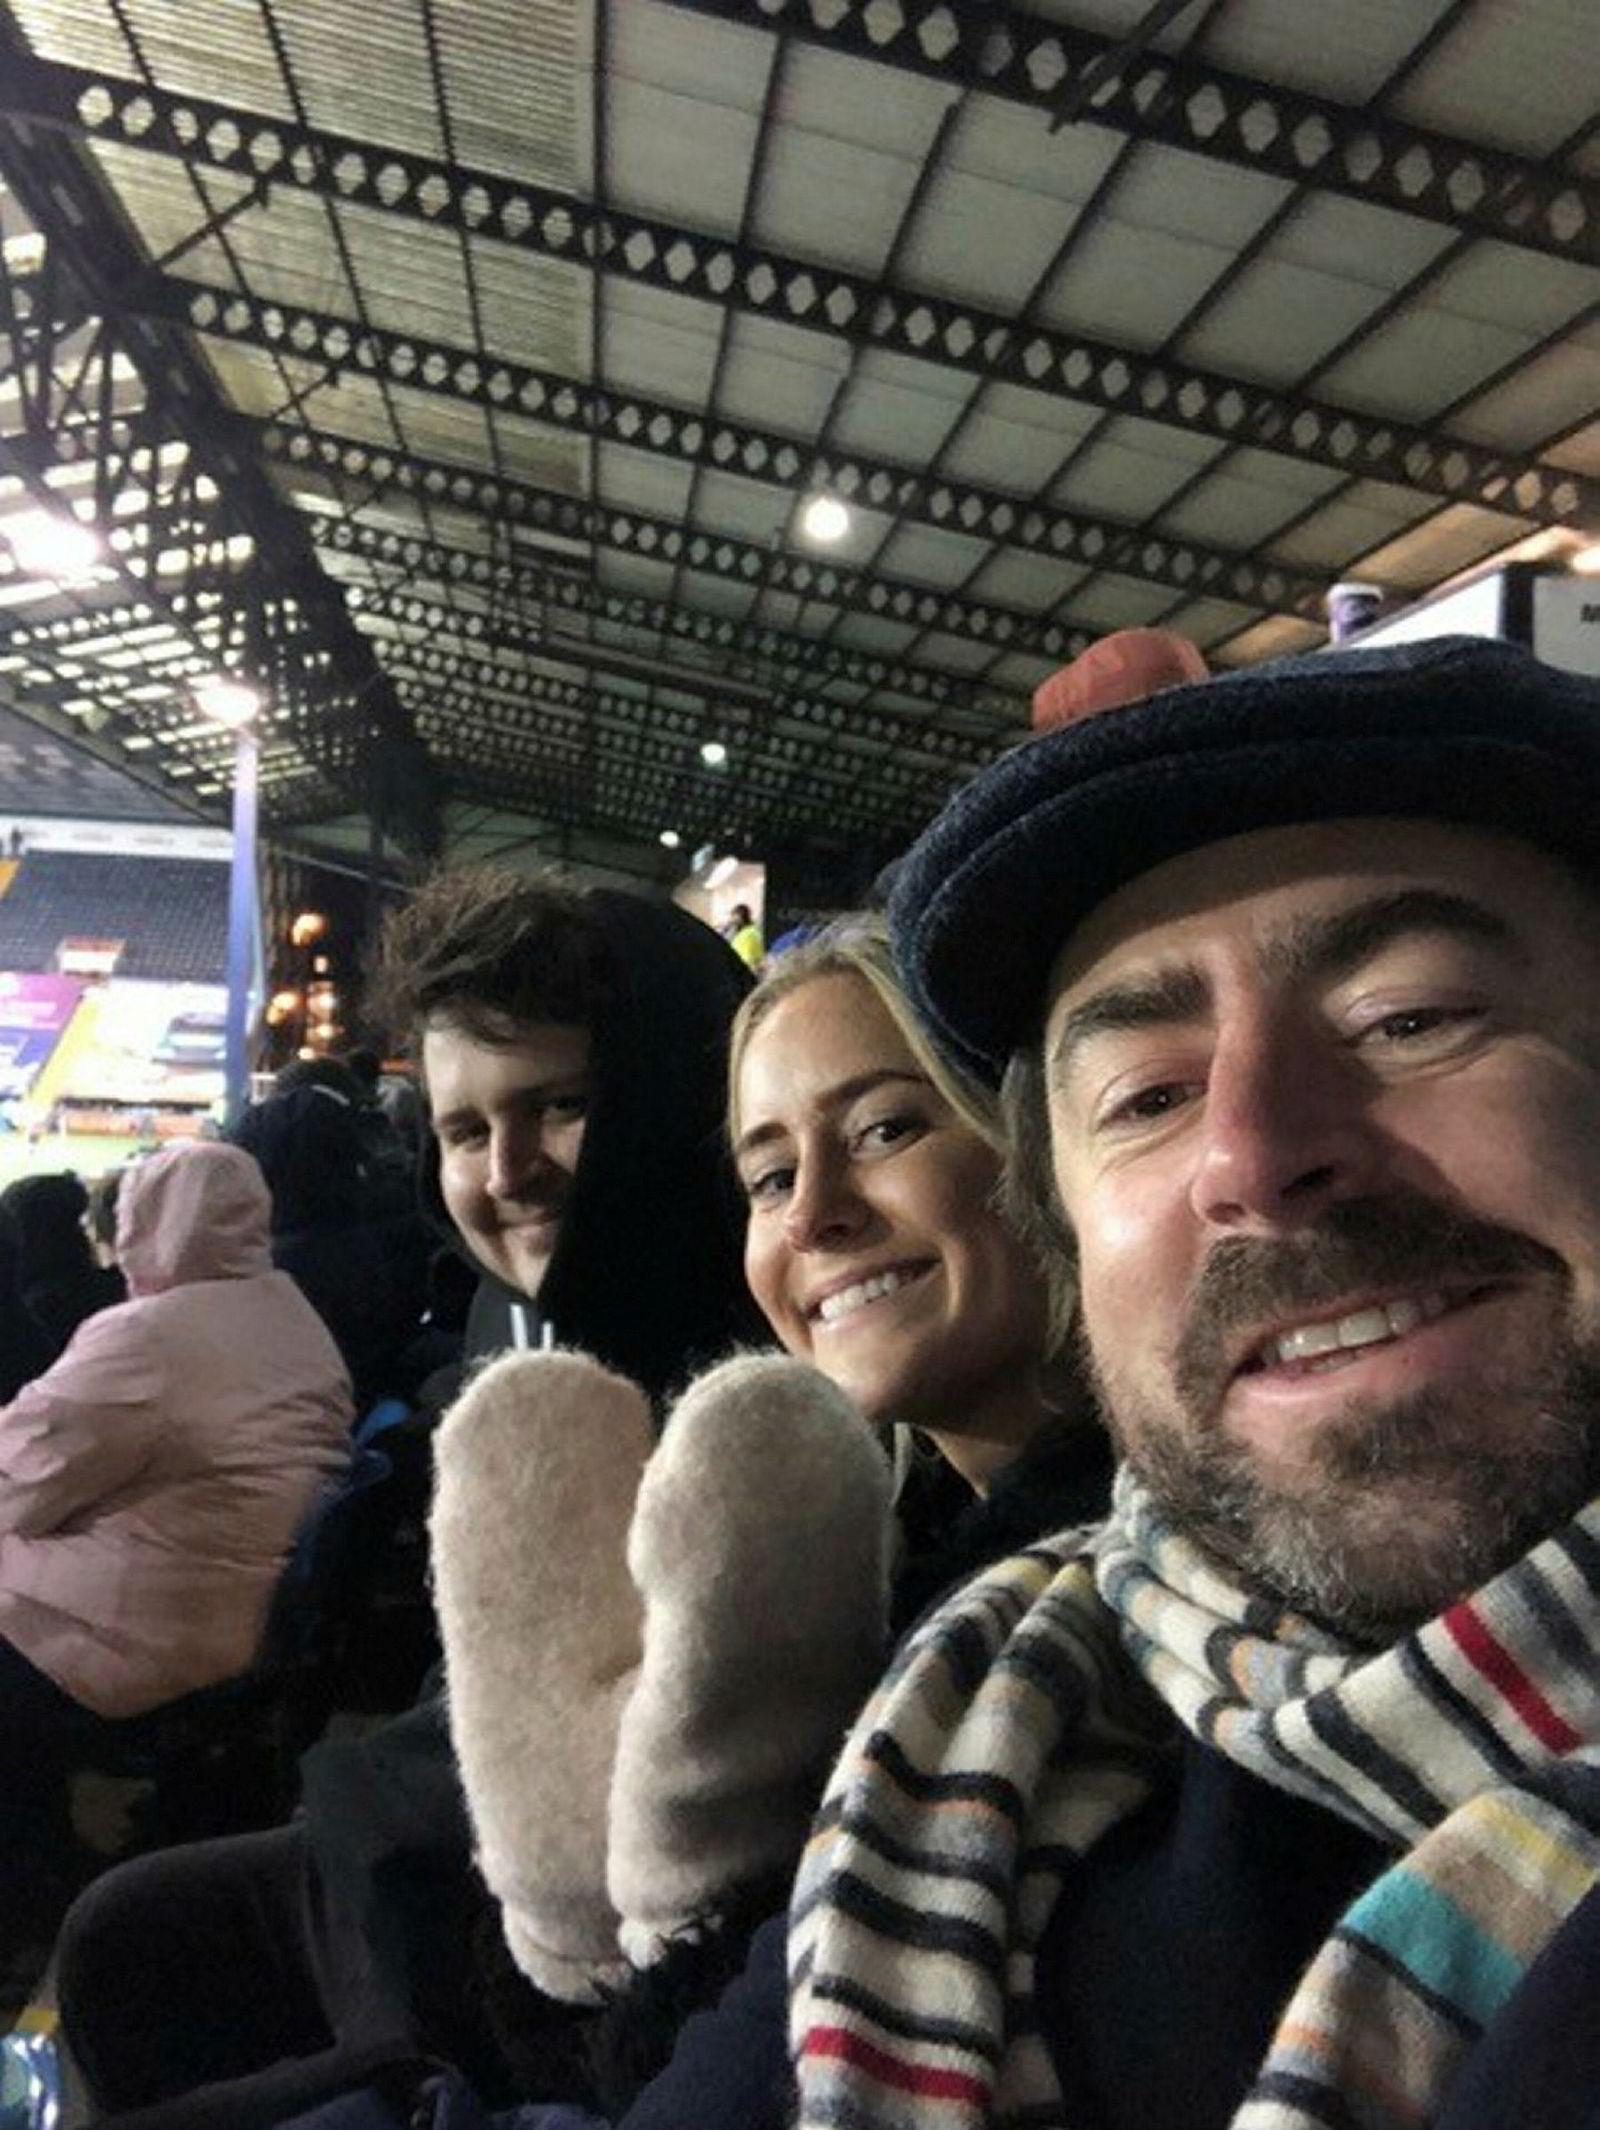 David Kenny (til høyre), sjef for TicketCos britiske virksomhet, på tribunen i Kilmarnock sammen med forretningsutvikler Kristianna Moberg og Ben Sprank.